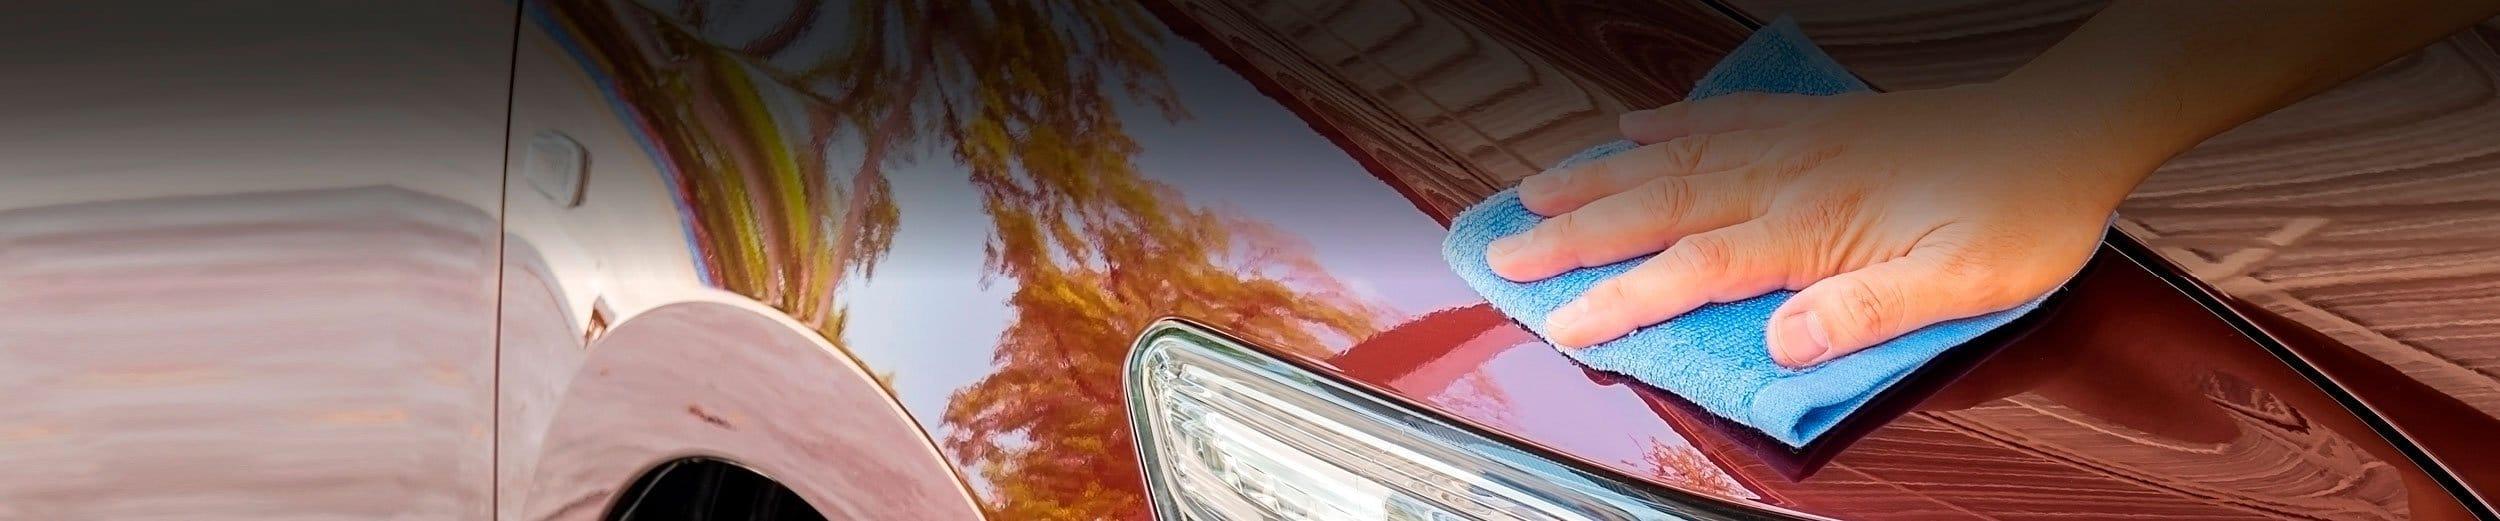 limpieza de vehículos en sanabria